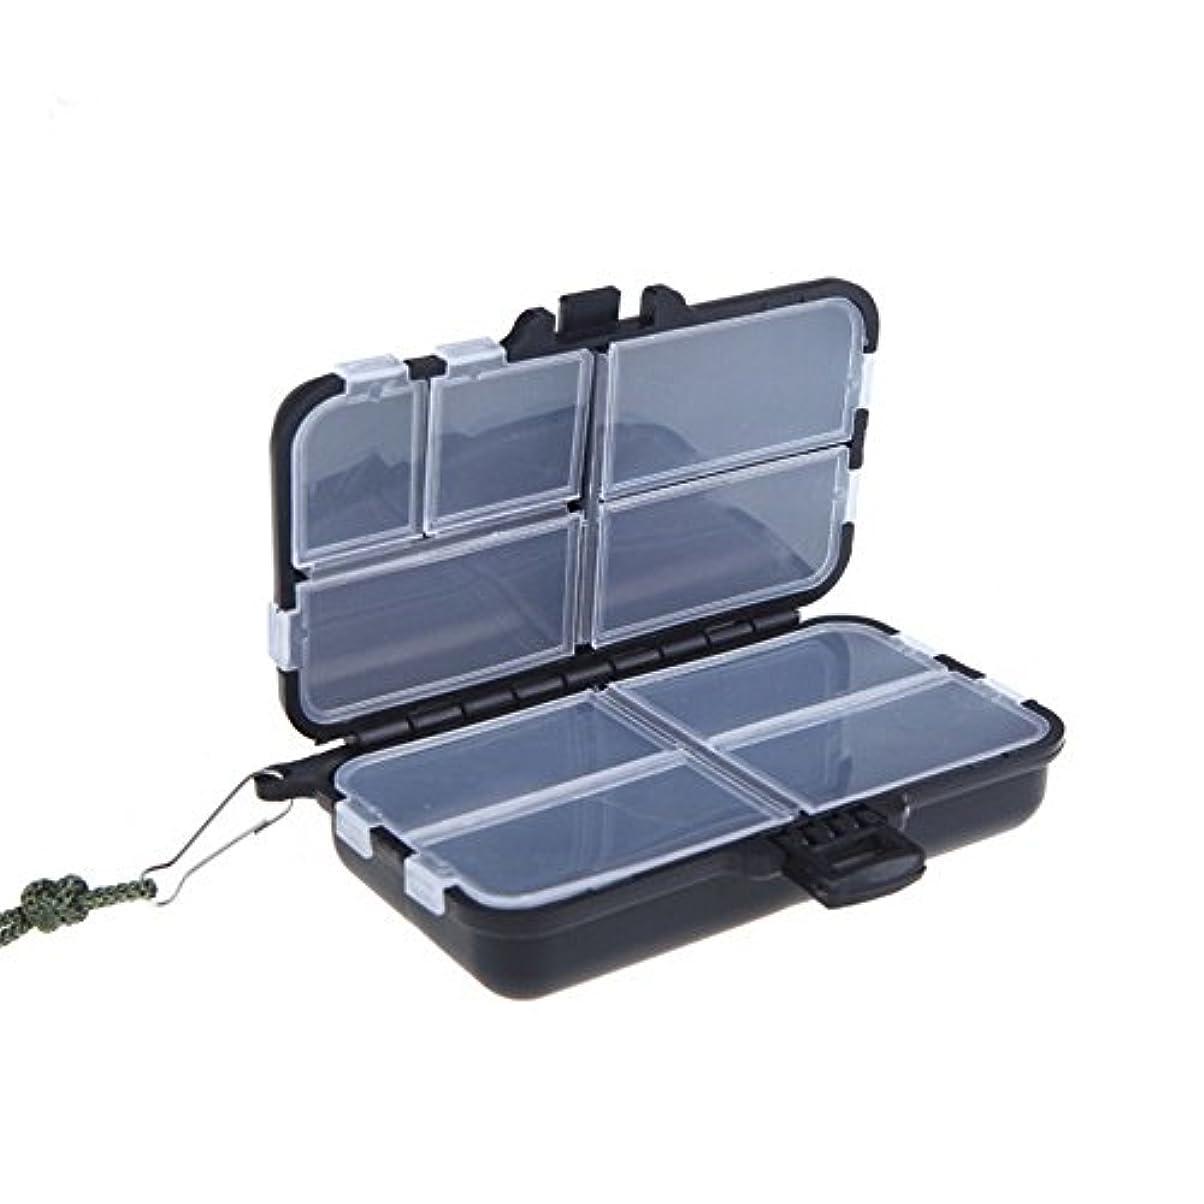 アカデミック教師の日うがいCUHAWUDBA 1個実用性のある黒色釣りタックルボックス釣り餌フックハードプラスチック8コンパートメントツールSスタイル